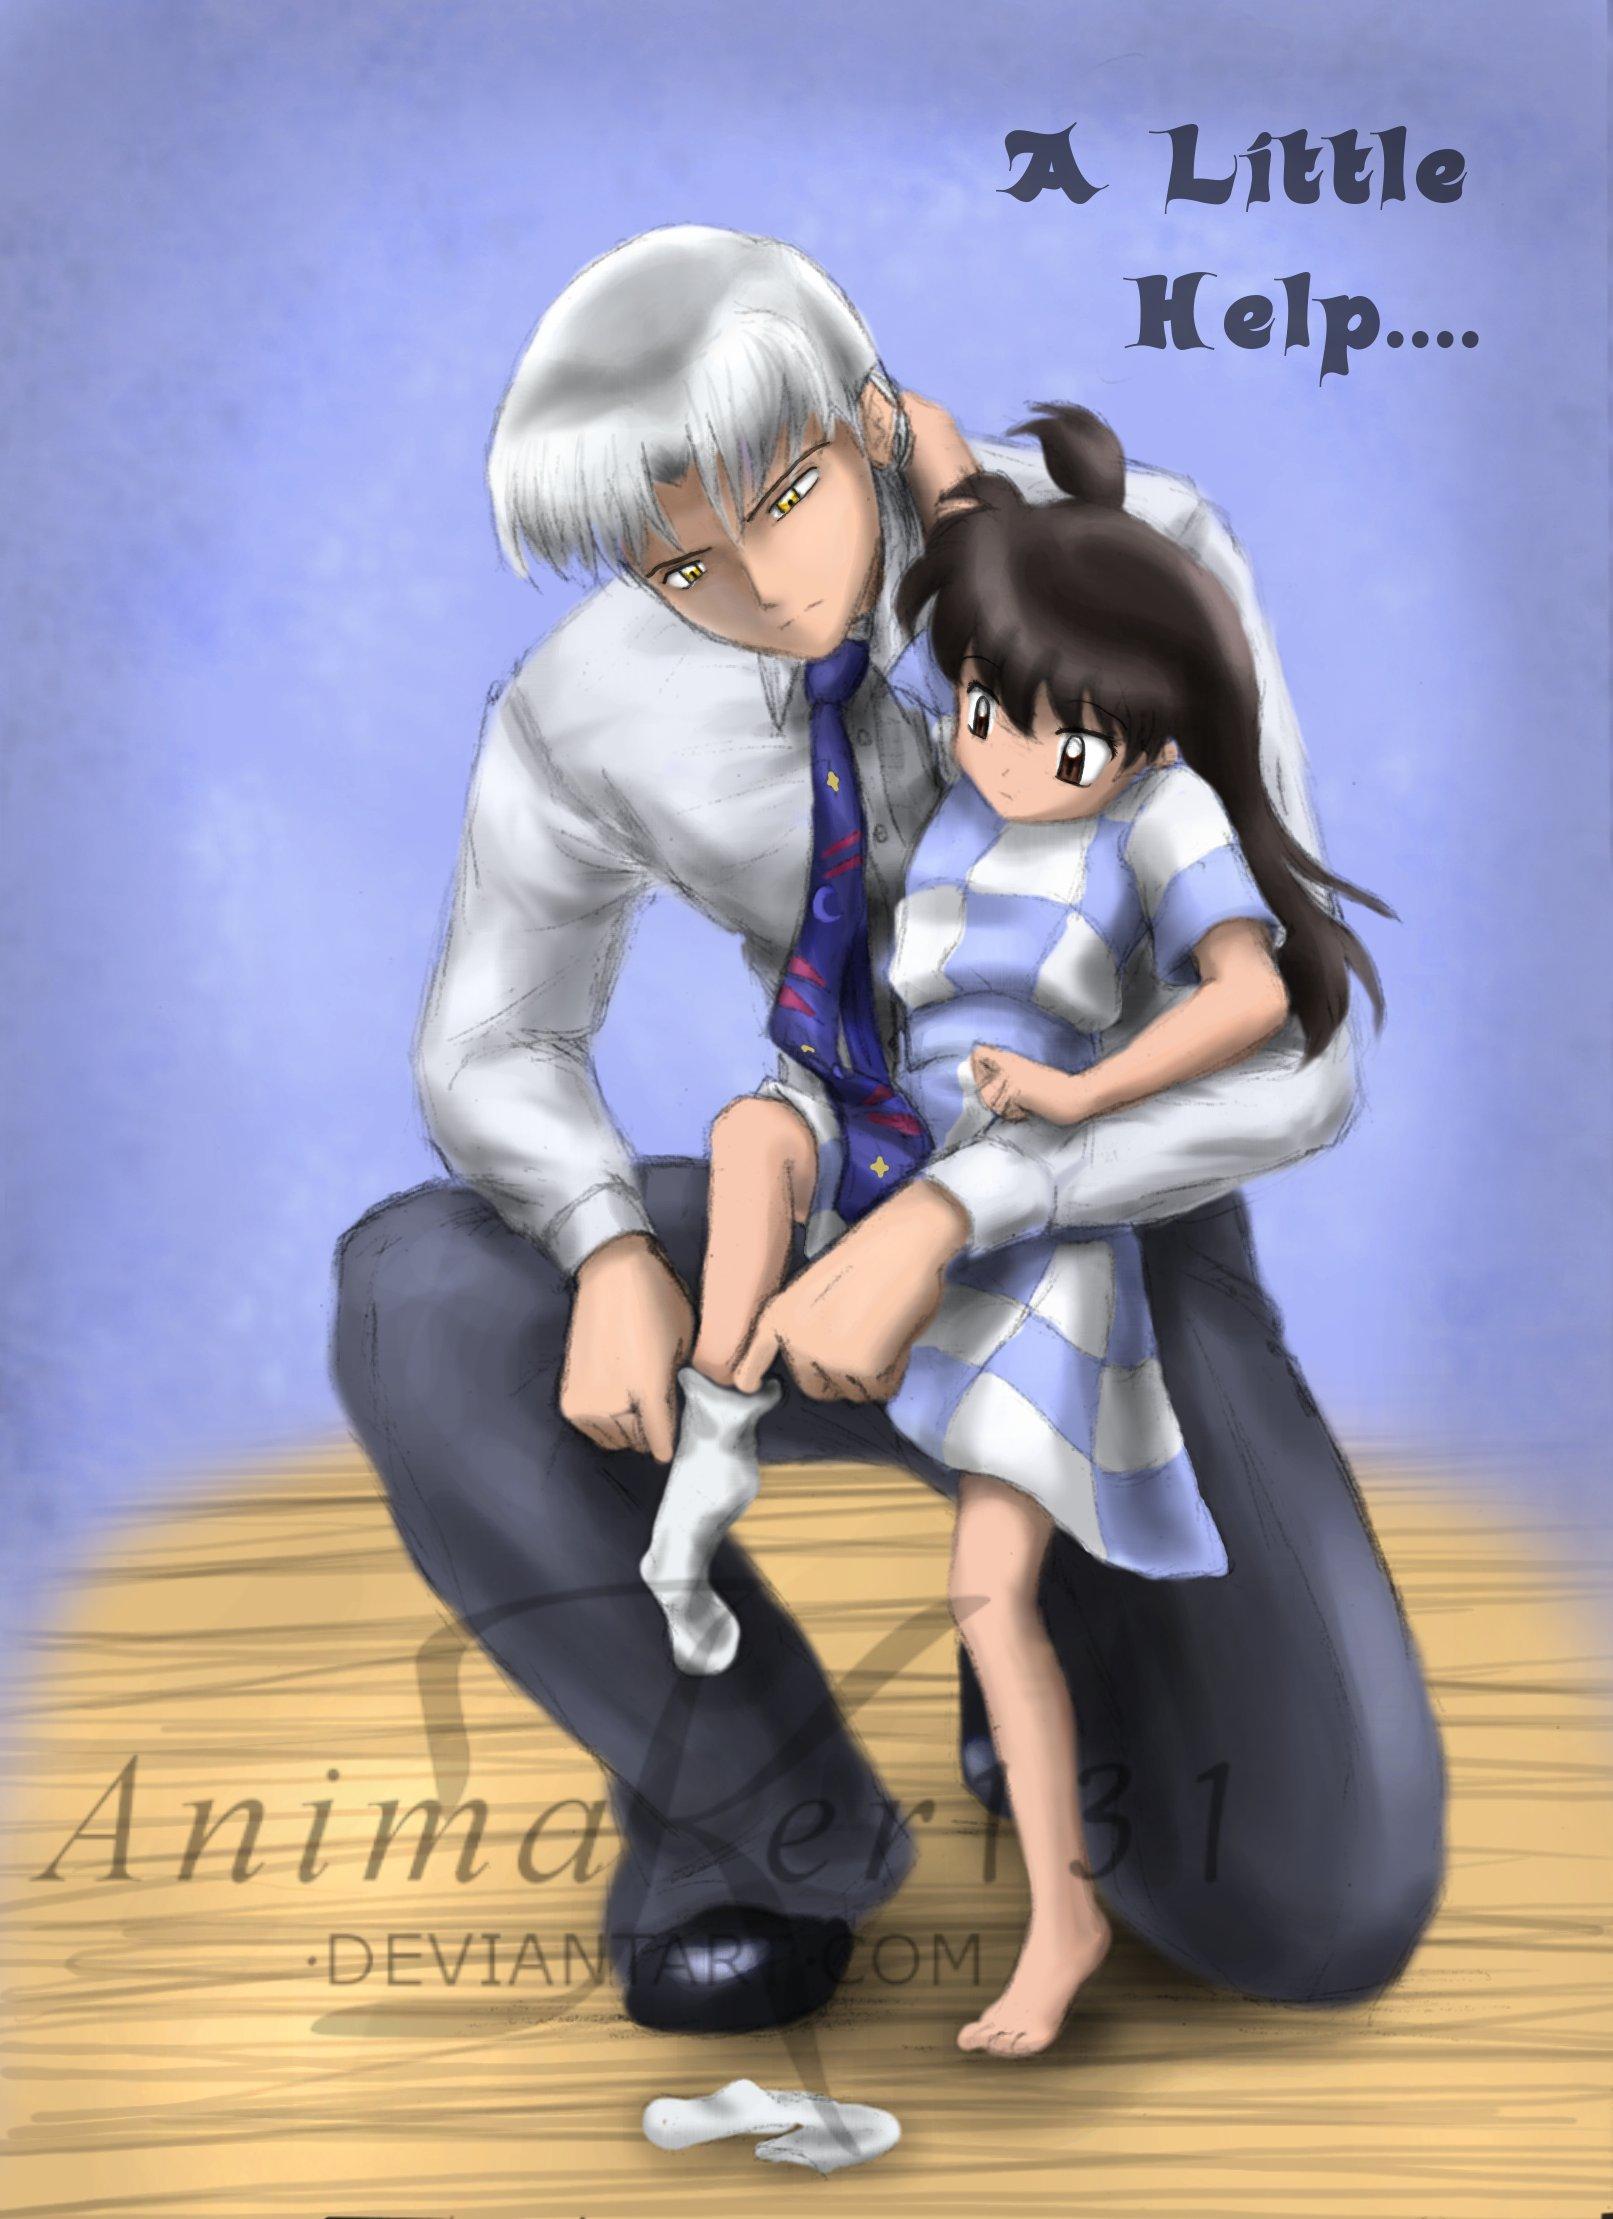 http://fc07.deviantart.net/fs70/f/2010/037/4/5/A_Little_Help____by_Animaker131.jpg